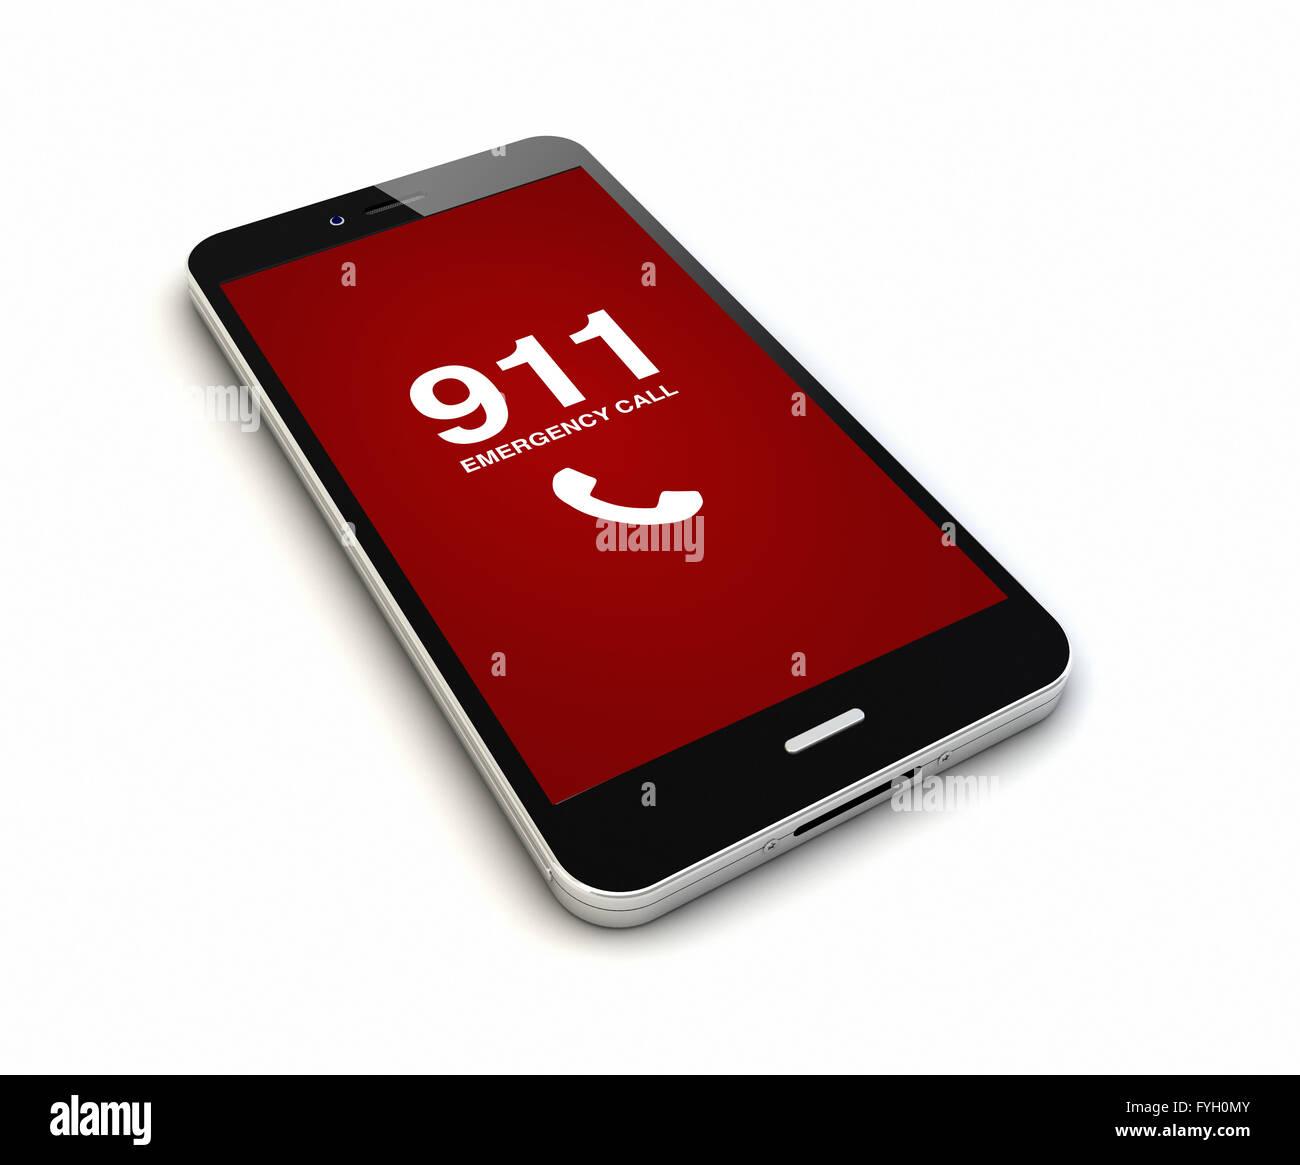 Eseguire il rendering di un originale smartphone con chiamata di emergenza sullo schermo. Grafici dello schermo Immagini Stock